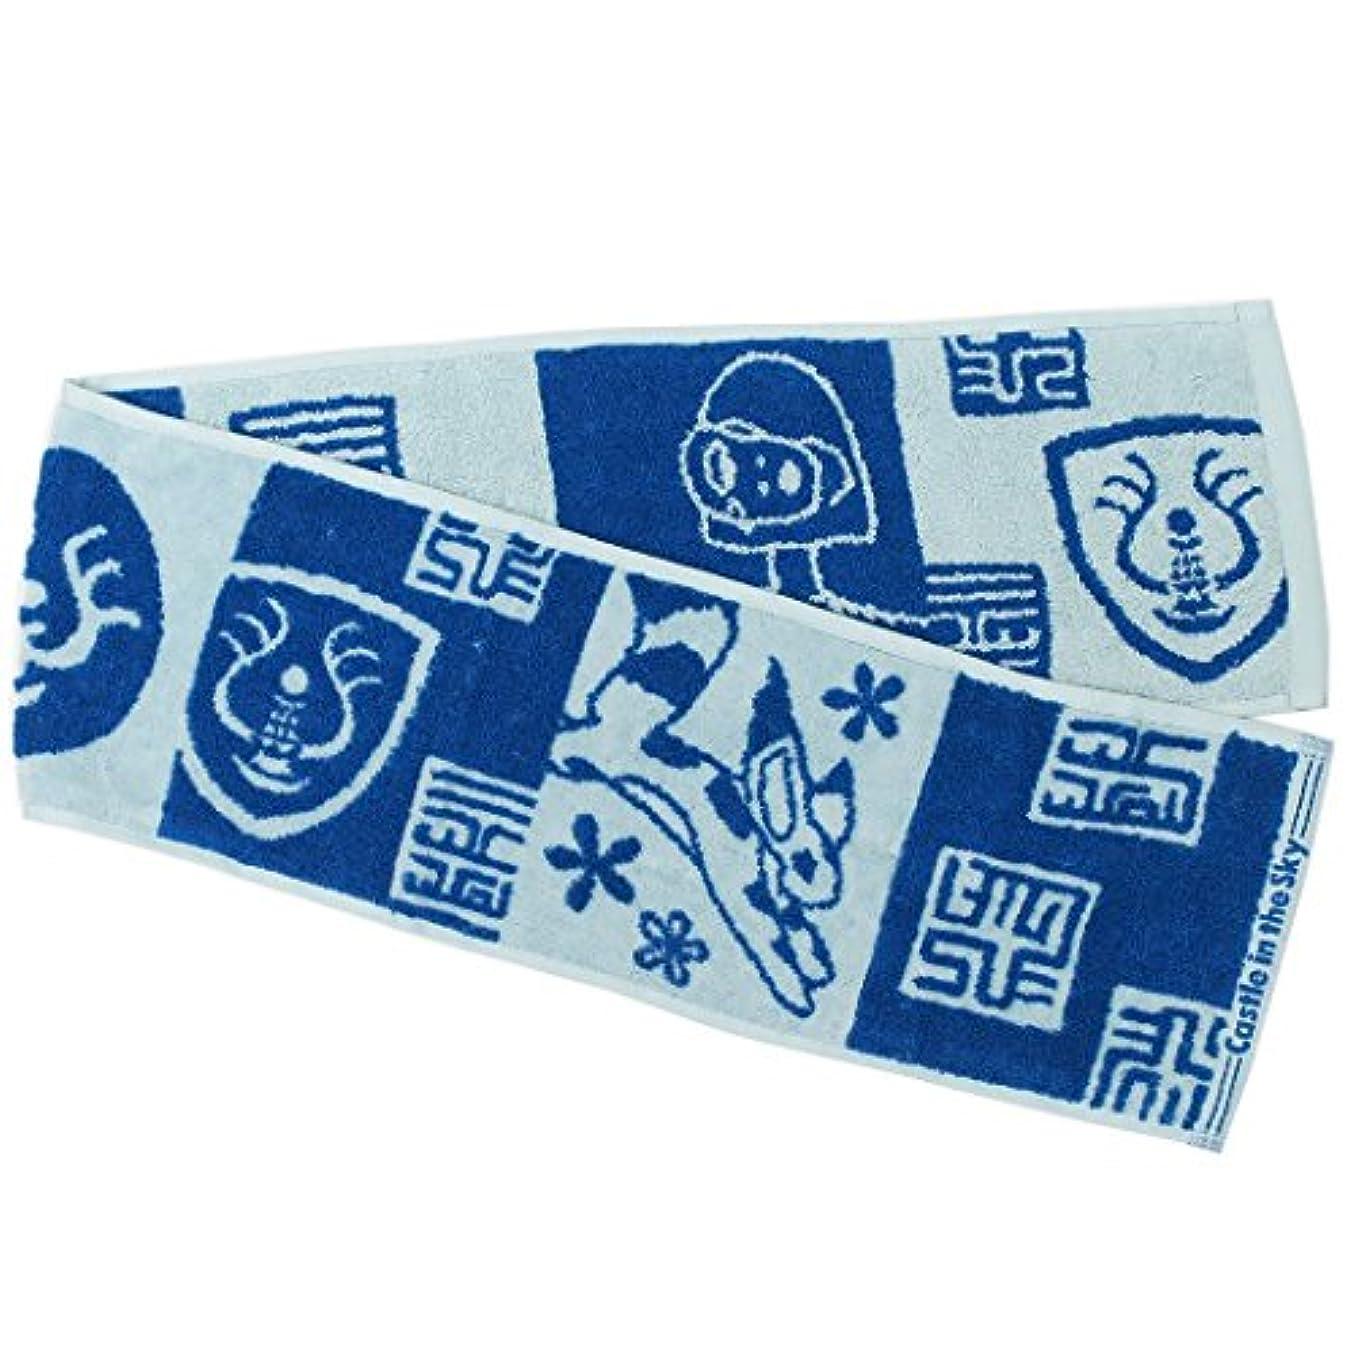 連続的ふつうせせらぎ丸眞 マフラータオル ジブリ 天空の城ラピュタ 約18×110cm 青い紋章 1005021200